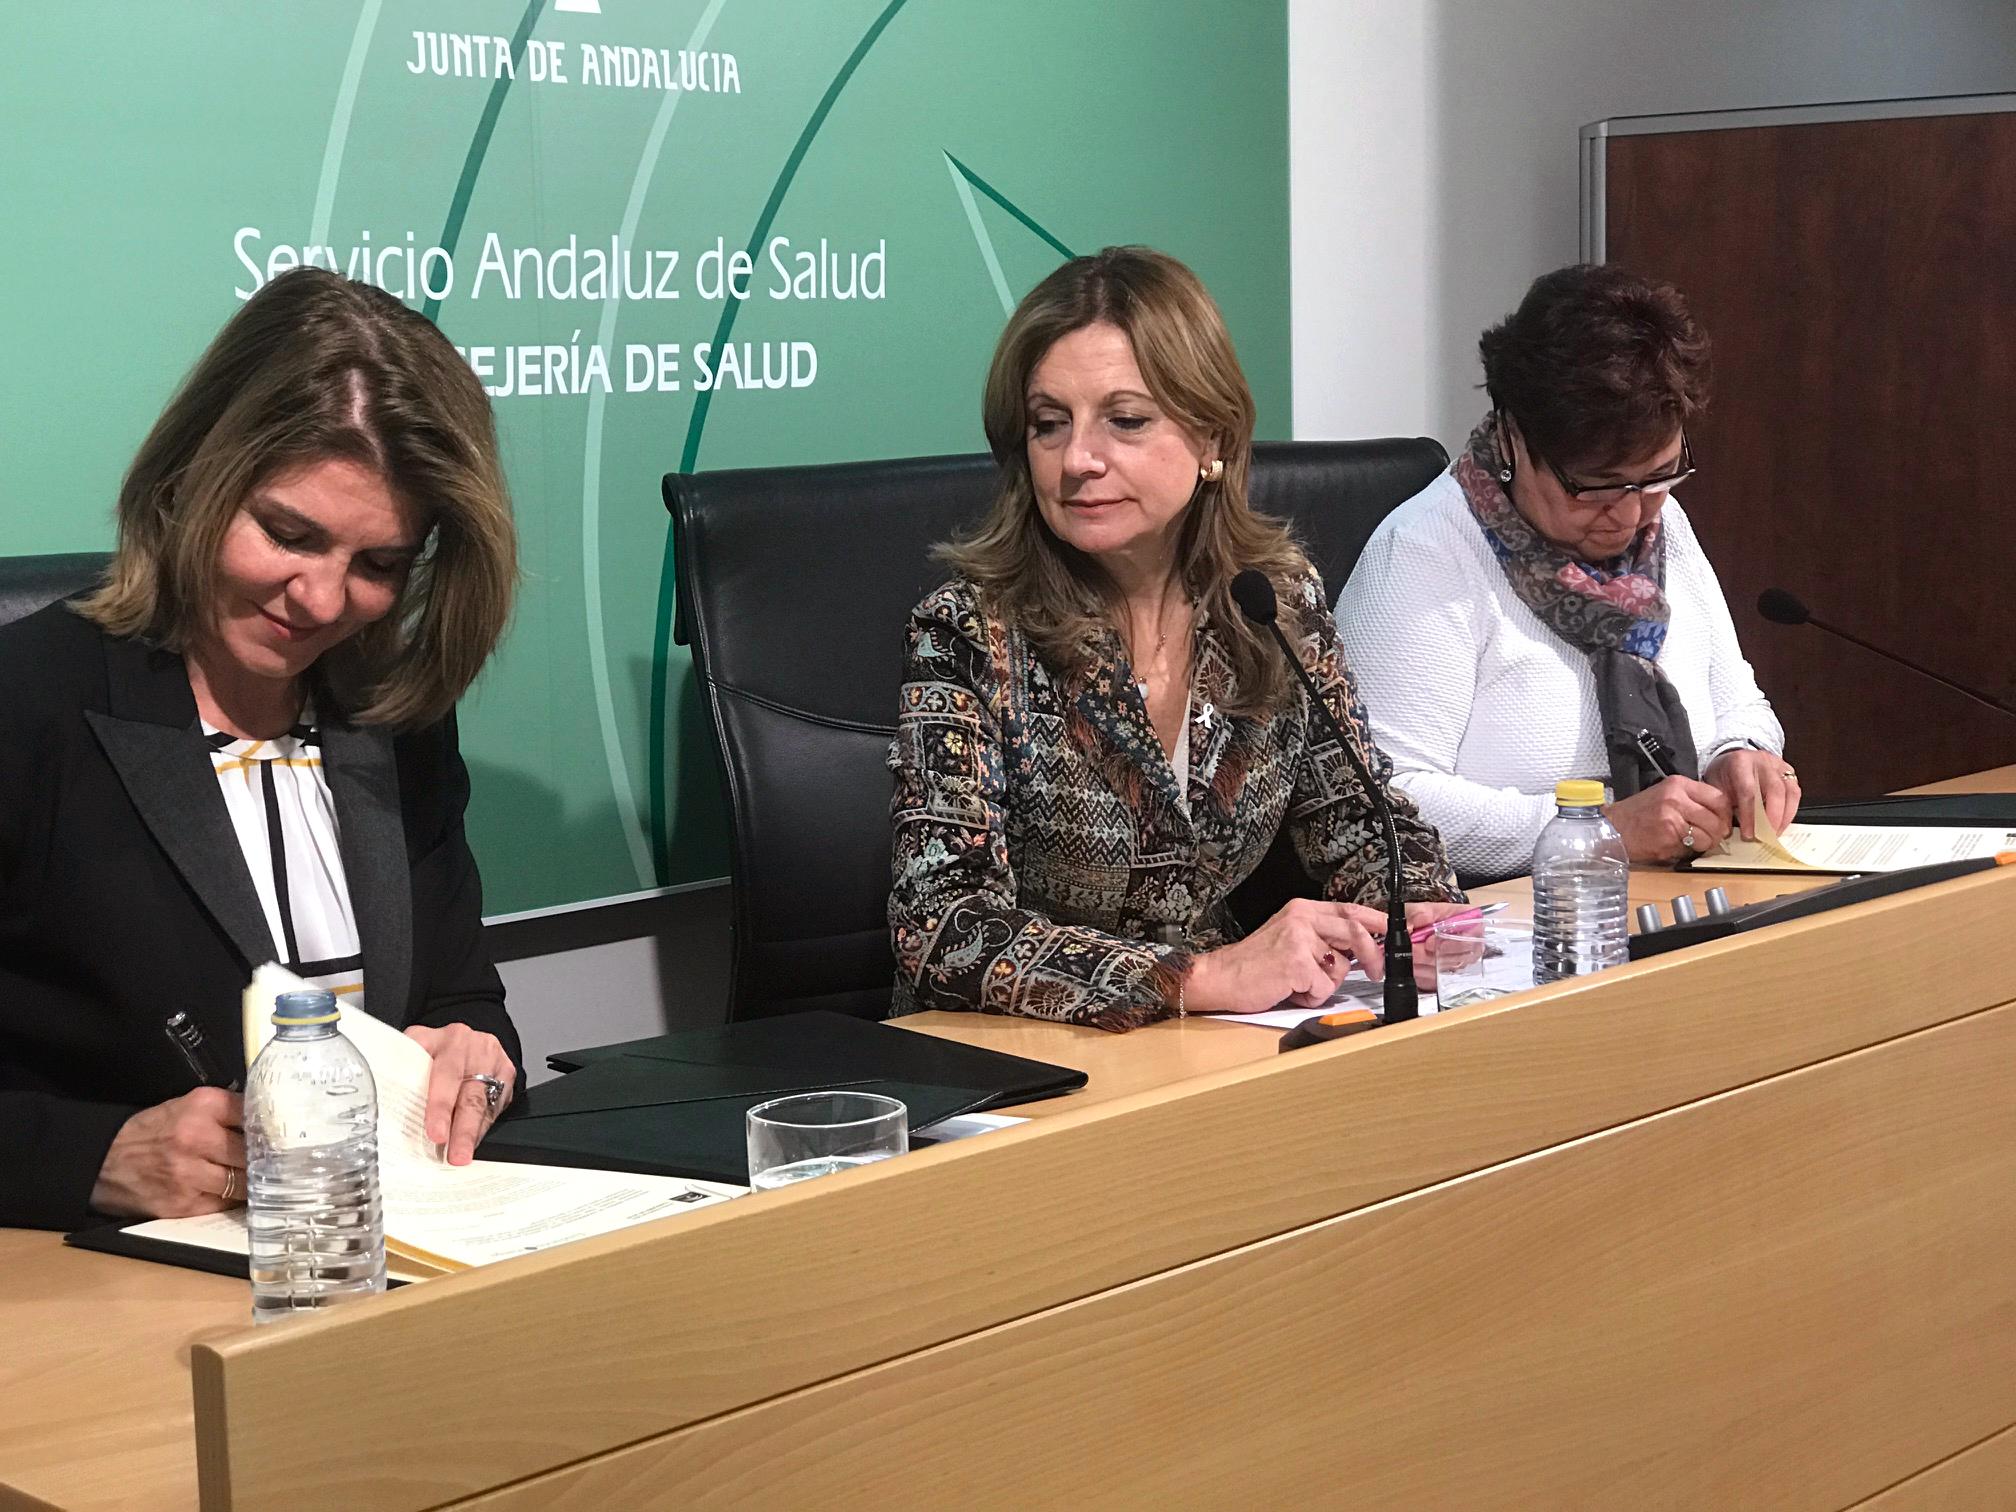 De izq. a dcha, Val Díez, directora de la Fundación Stanpa, Marina Álvarez, consejera de Salud de la Junta de Andalucía y Francisca Antón, gerente del Servicio Andaluz de Salud